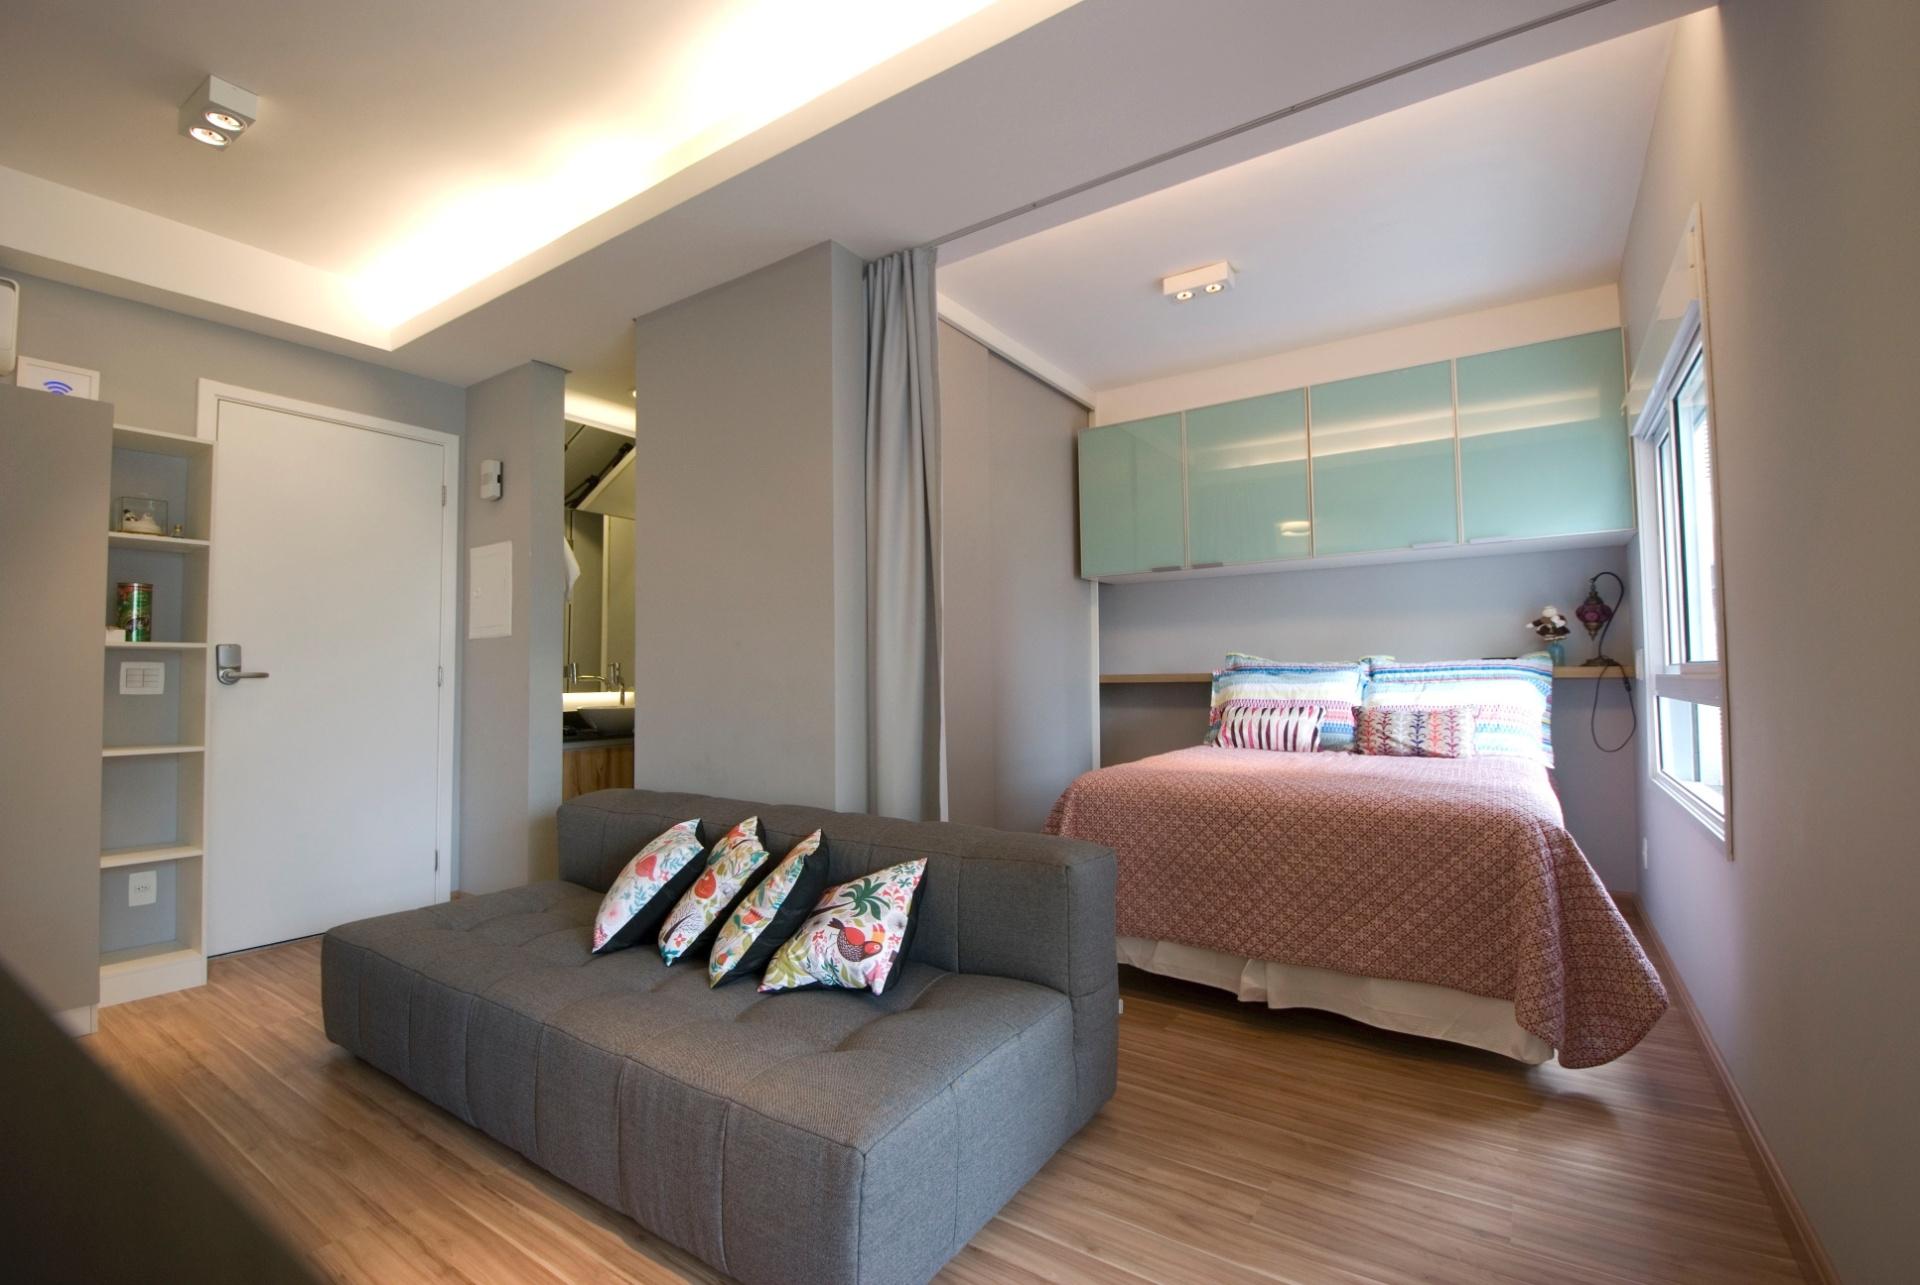 #65493A à sala de estar o quarto possui um guarda roupa cinza com portas de  216 Janelas De Vidro P Quarto